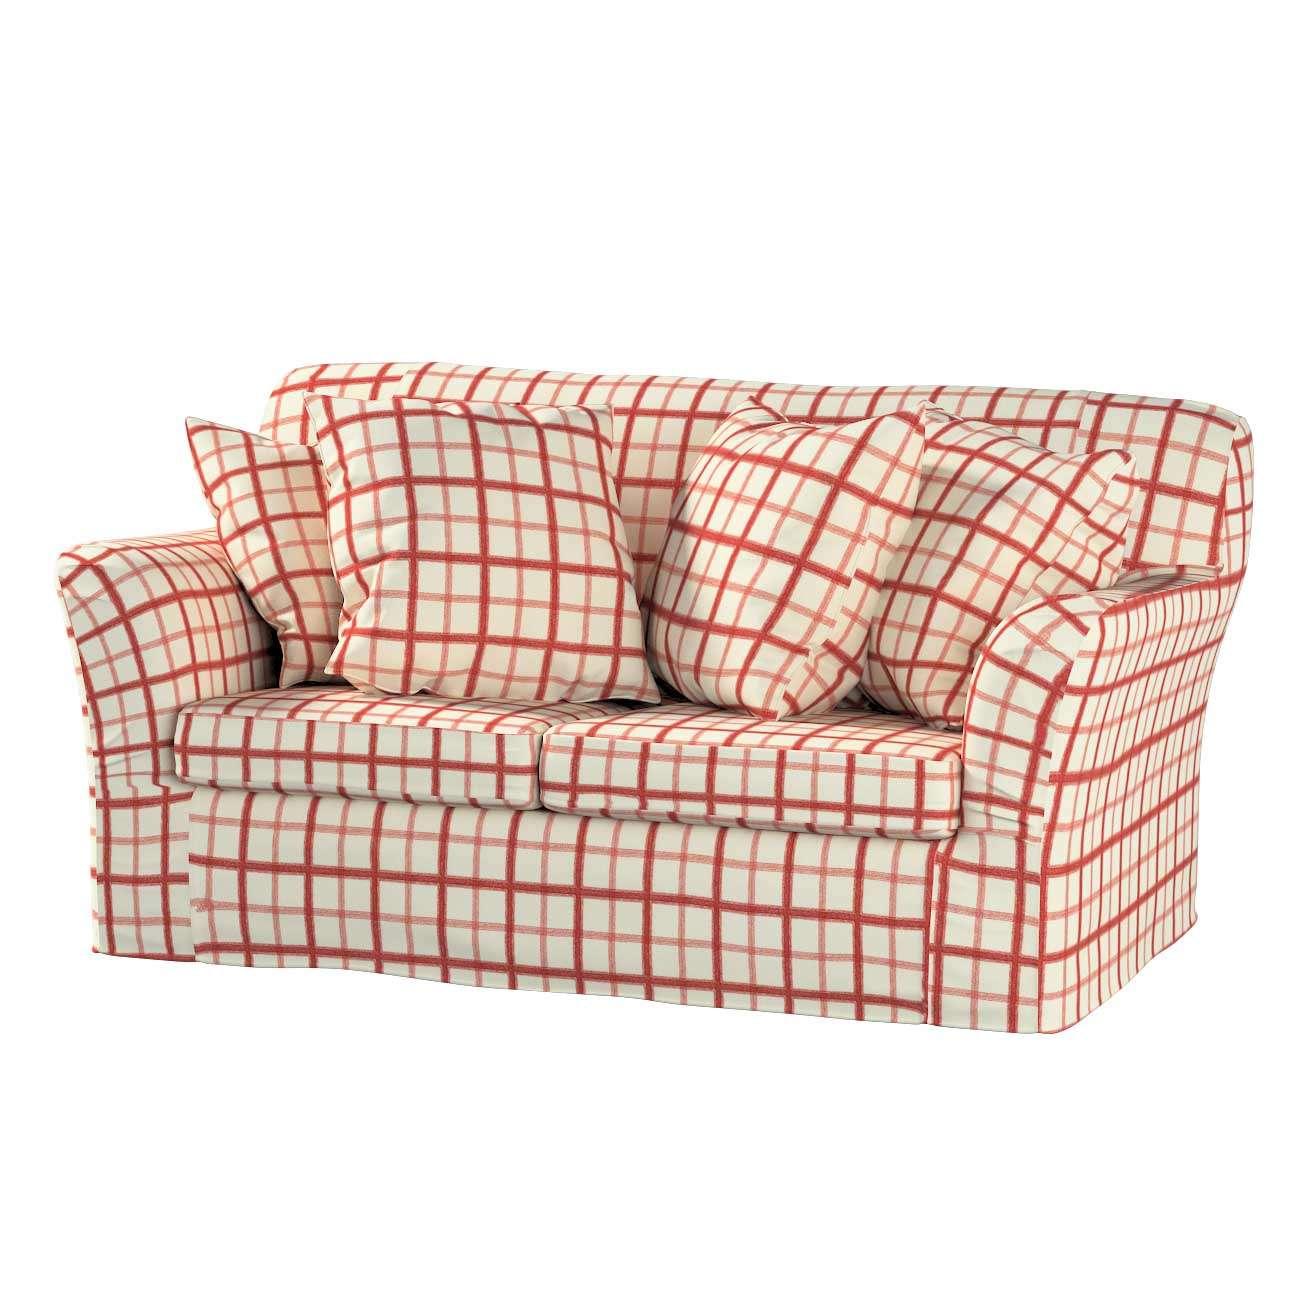 Tomelilla 2-Sitzer Sofabezug nicht ausklappbar Sofahusse, Tomelilla 2-Sitzer von der Kollektion Avinon, Stoff: 131-15